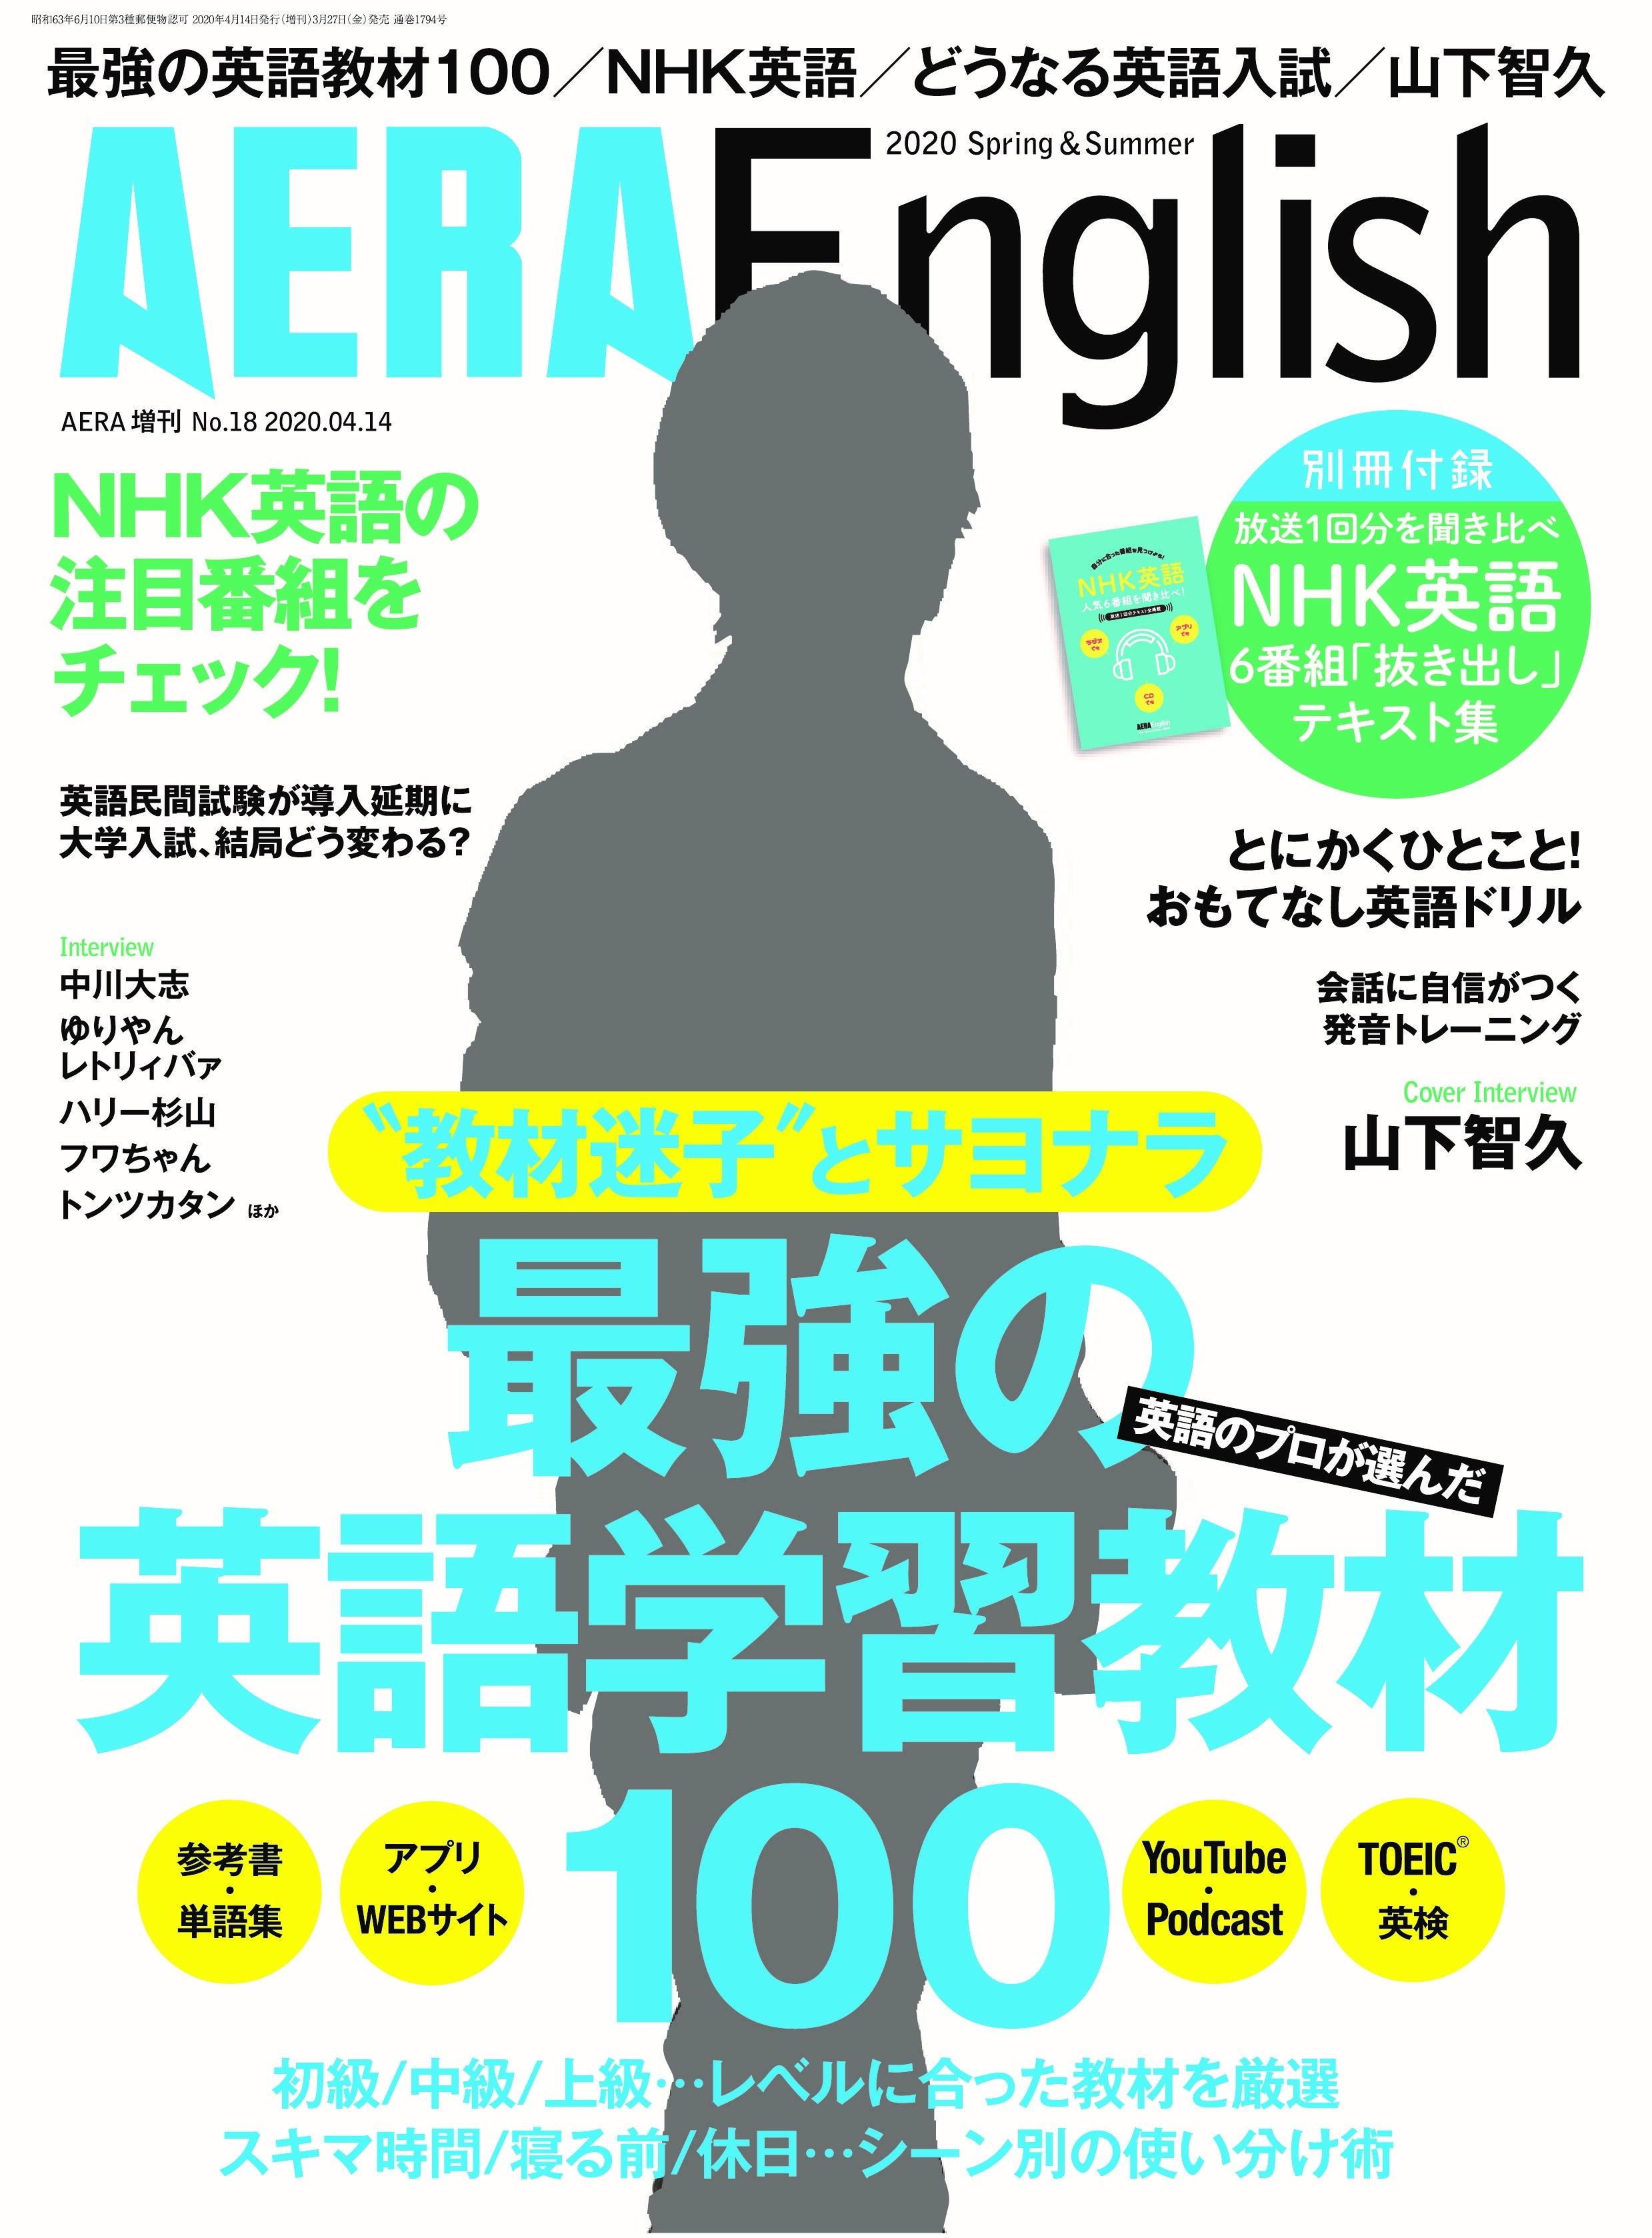 山下智久さんが明かした全編英語の海外ドラマ出演で感じた性格の変化と ...